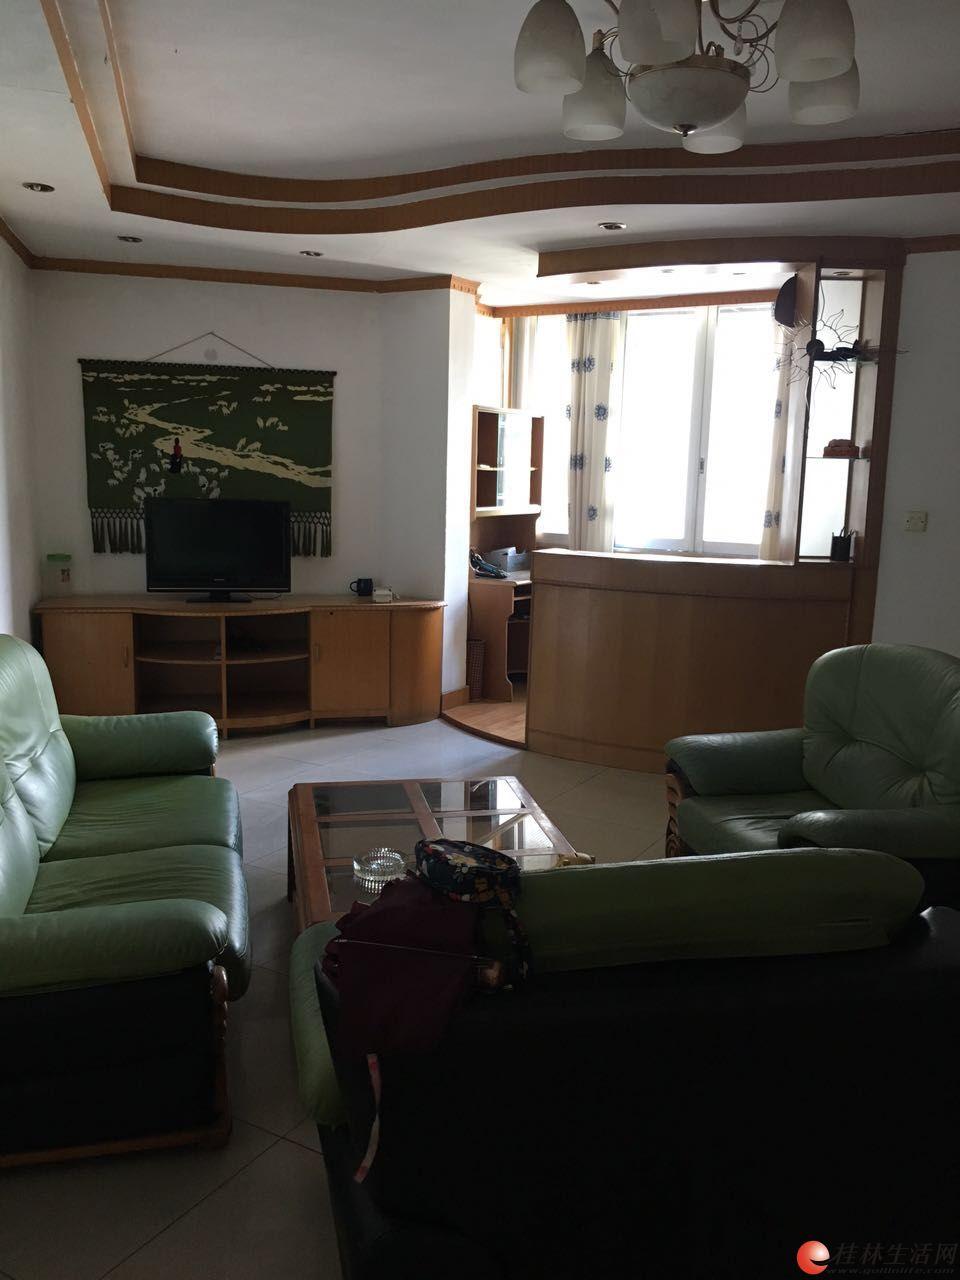 出租  七星花园 3房2厅2卫  125平米  6楼  2000元/月  家具齐全